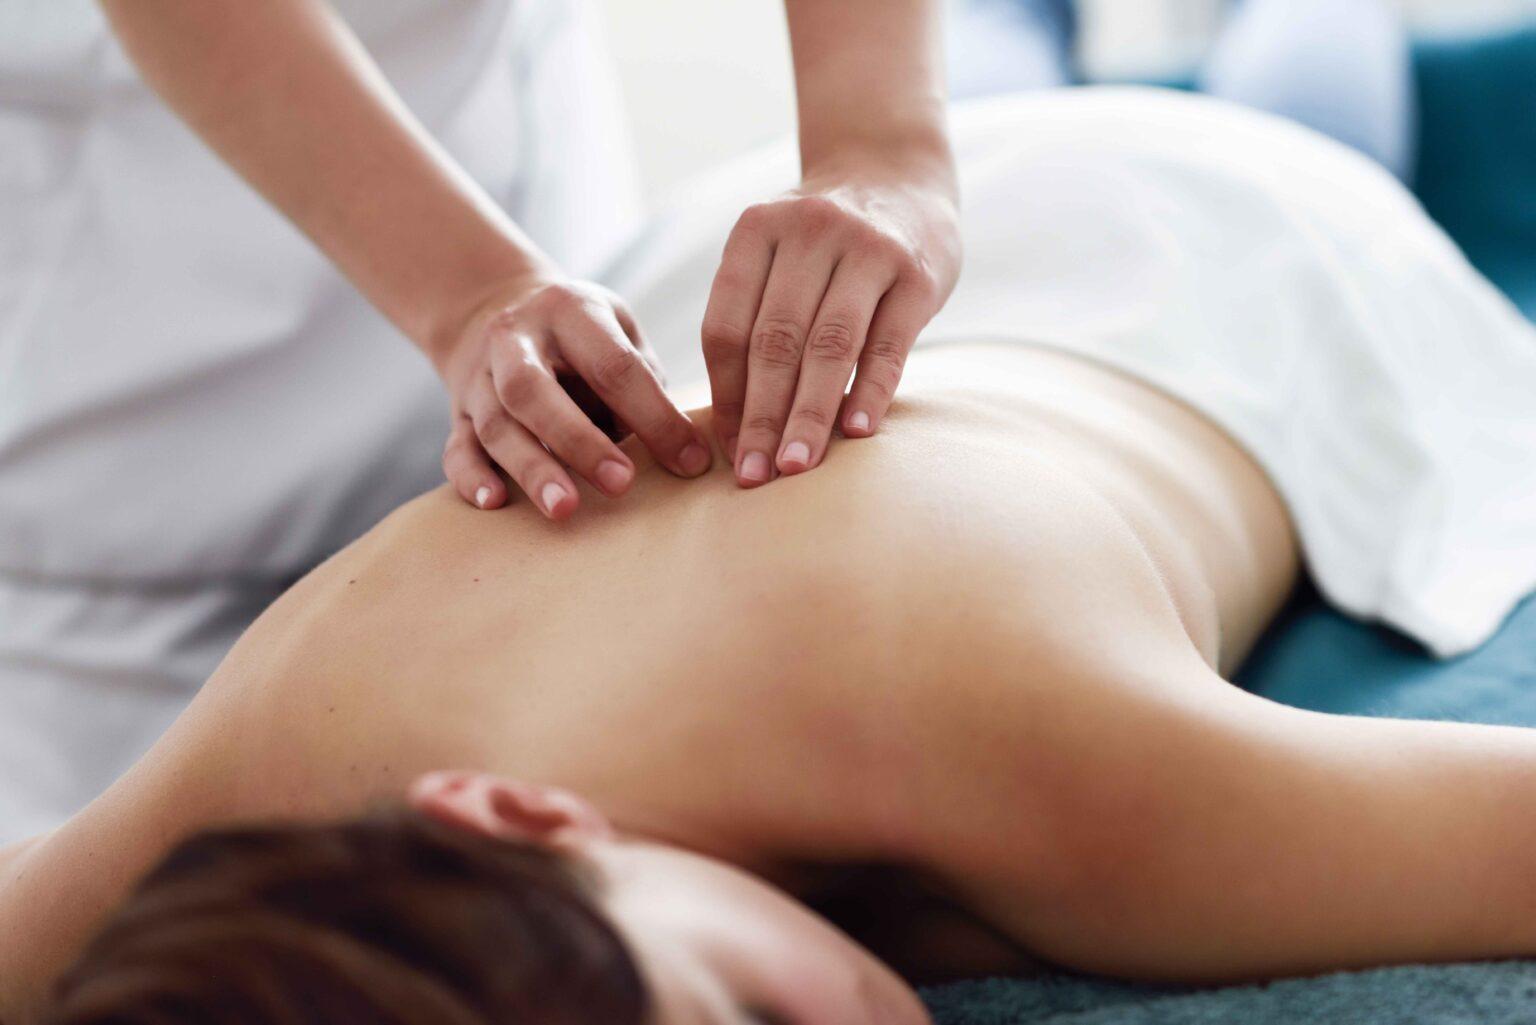 Frau liegt auf einer Liege und bekommt eine medezinische Massage